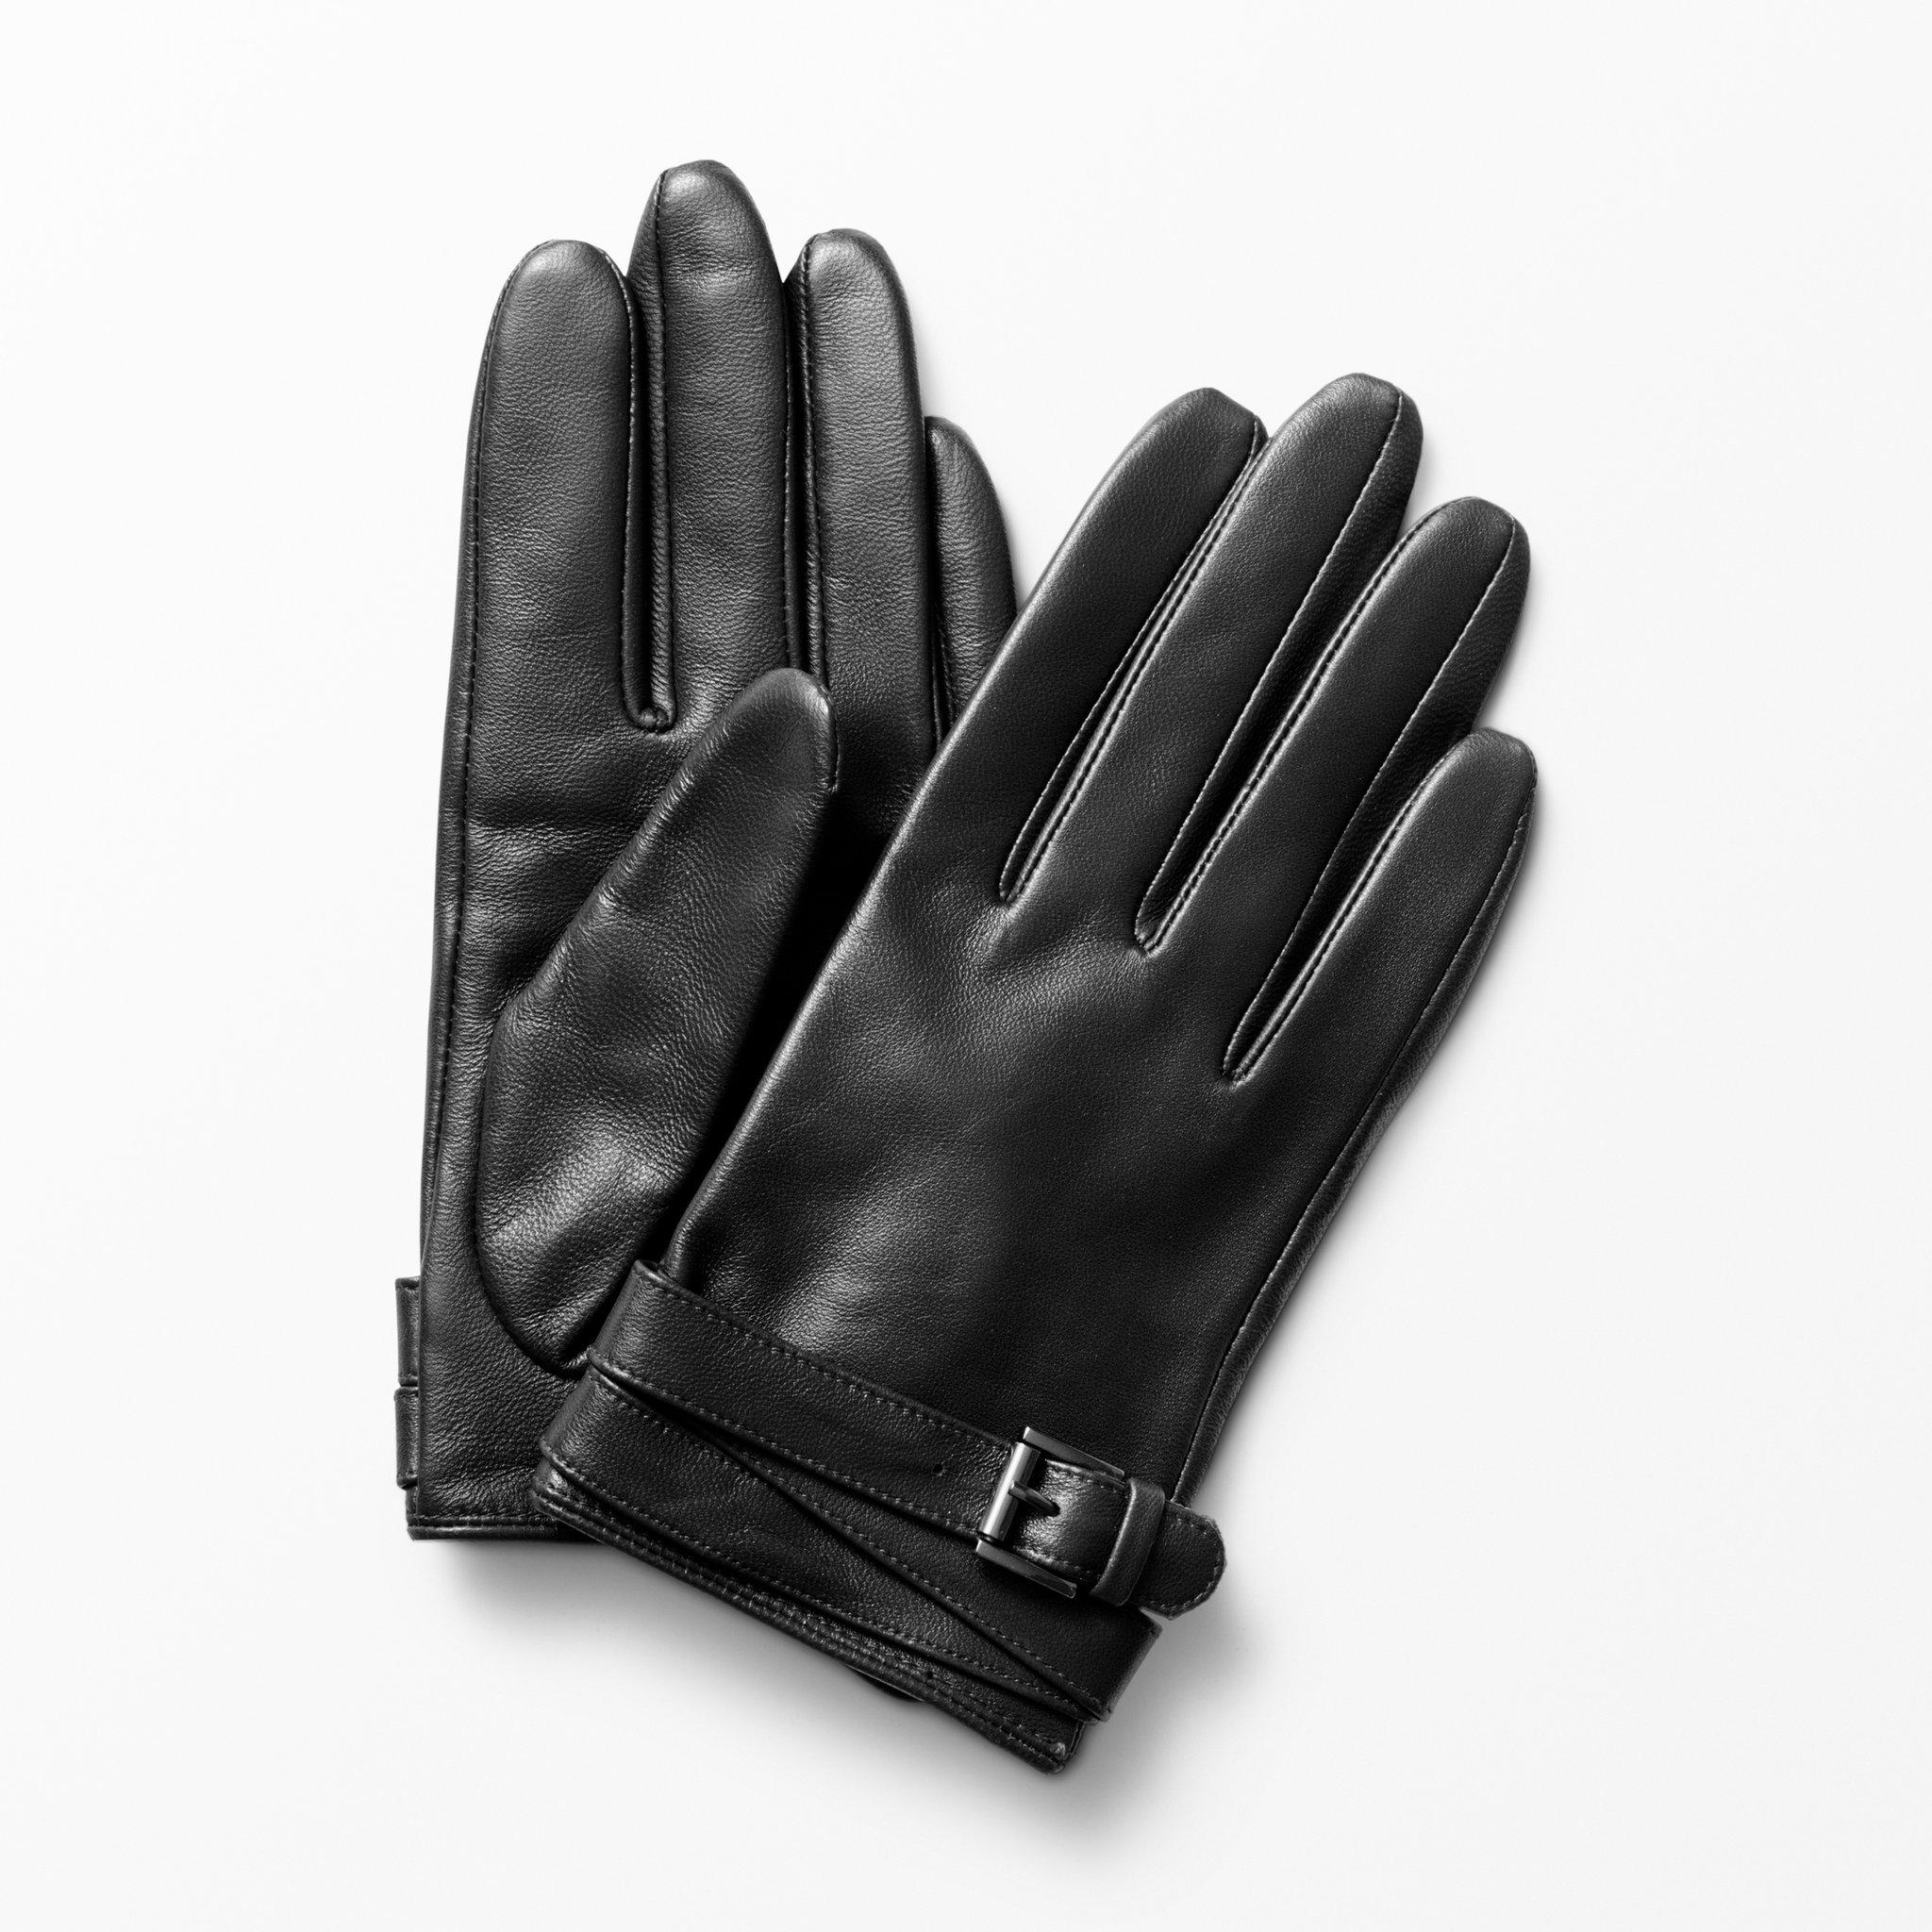 be3a1a2d46d Handske i läder - Vantar & handskar - Köp online på åhlens.se!